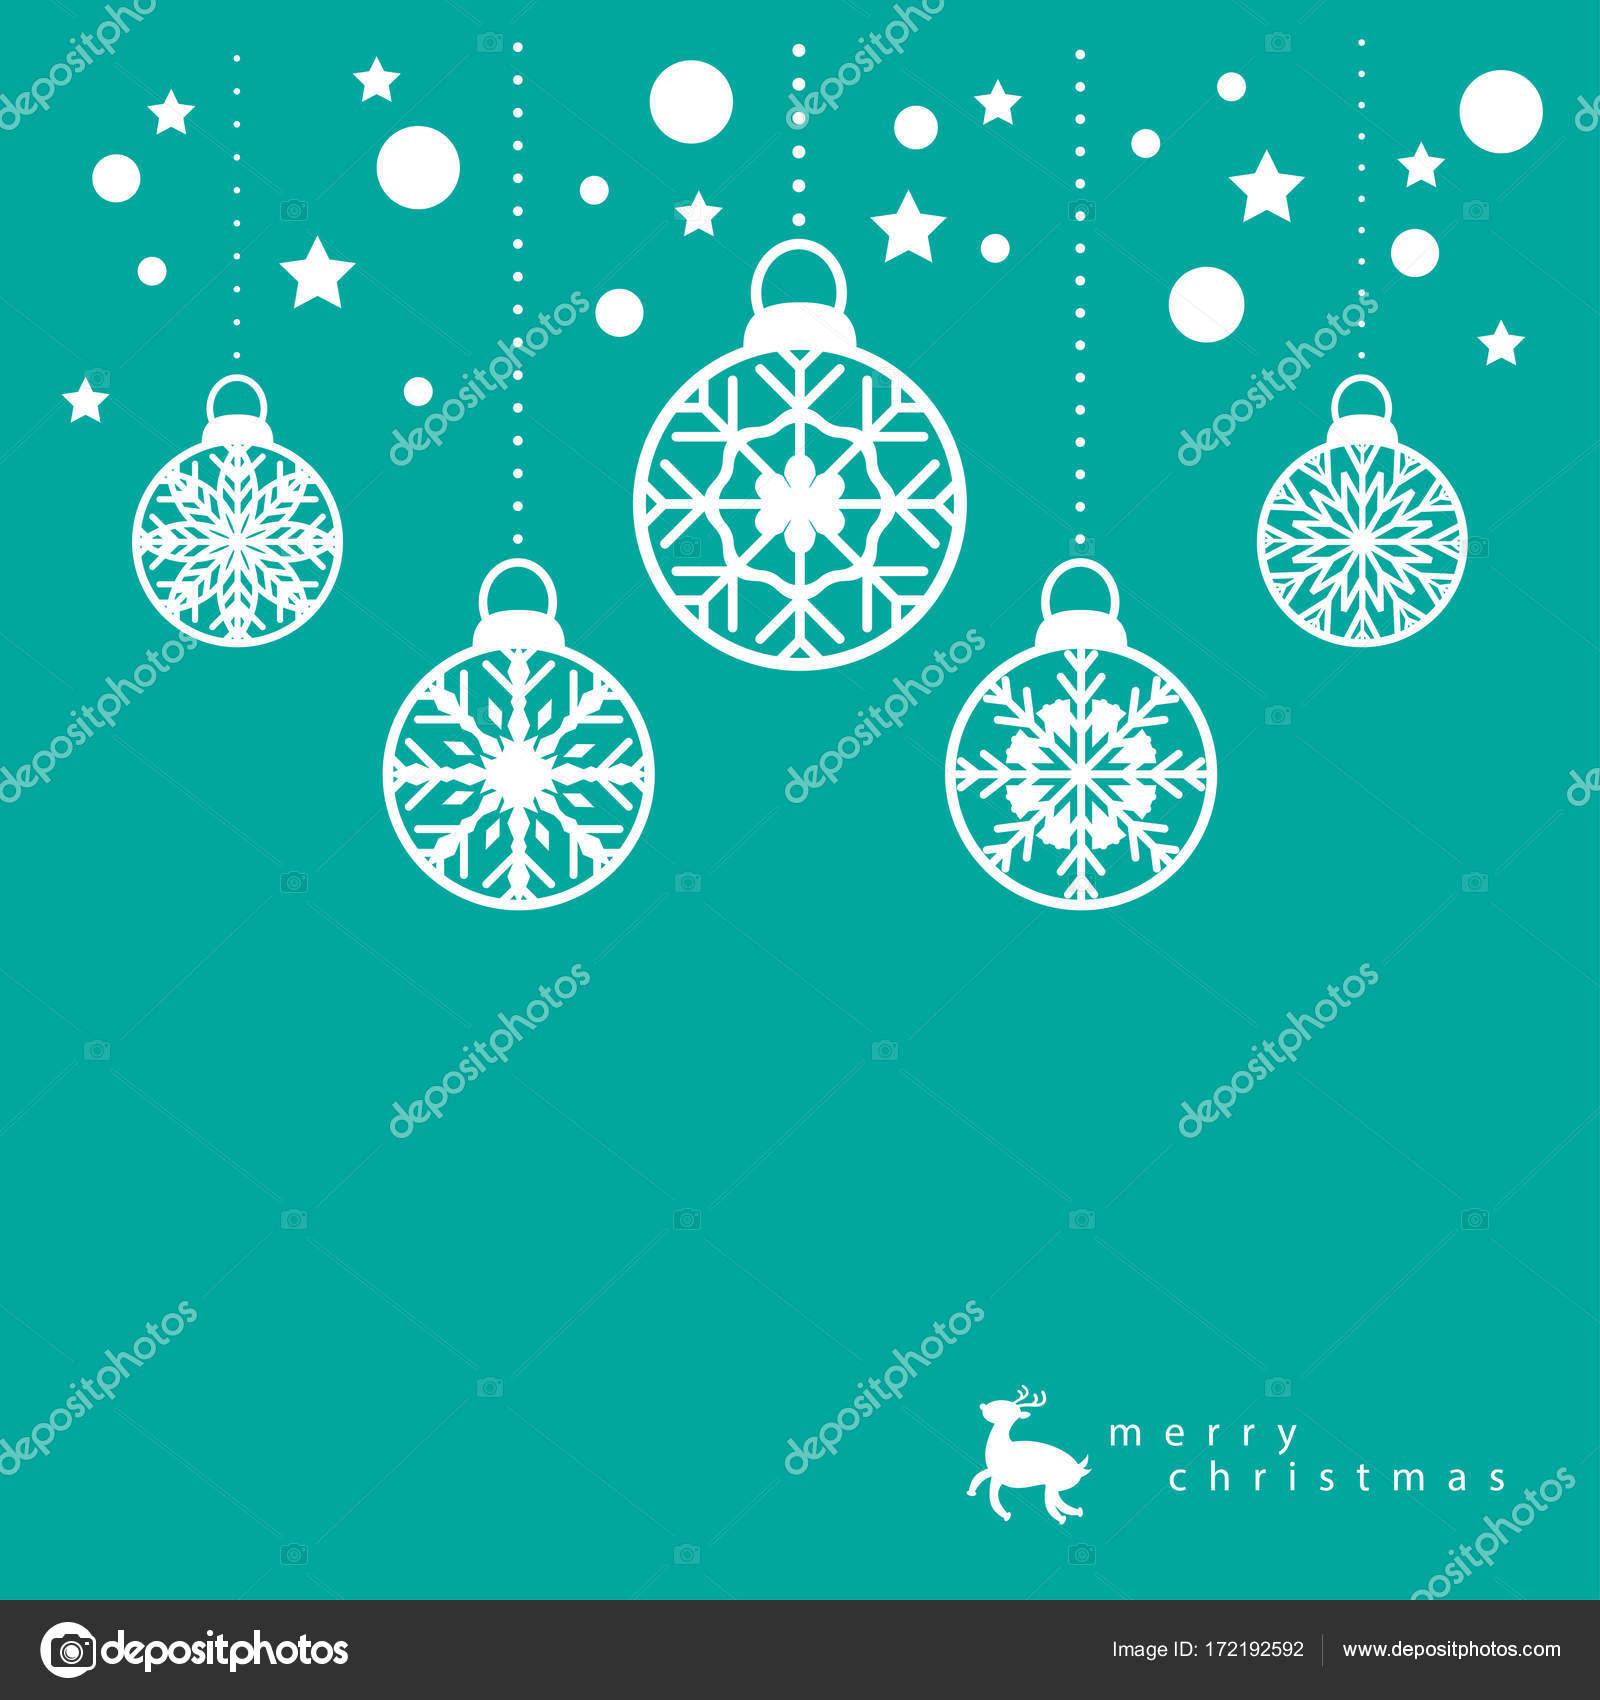 Weihnachtskarte Vorlage Stockvektor Suwaruk 172192592